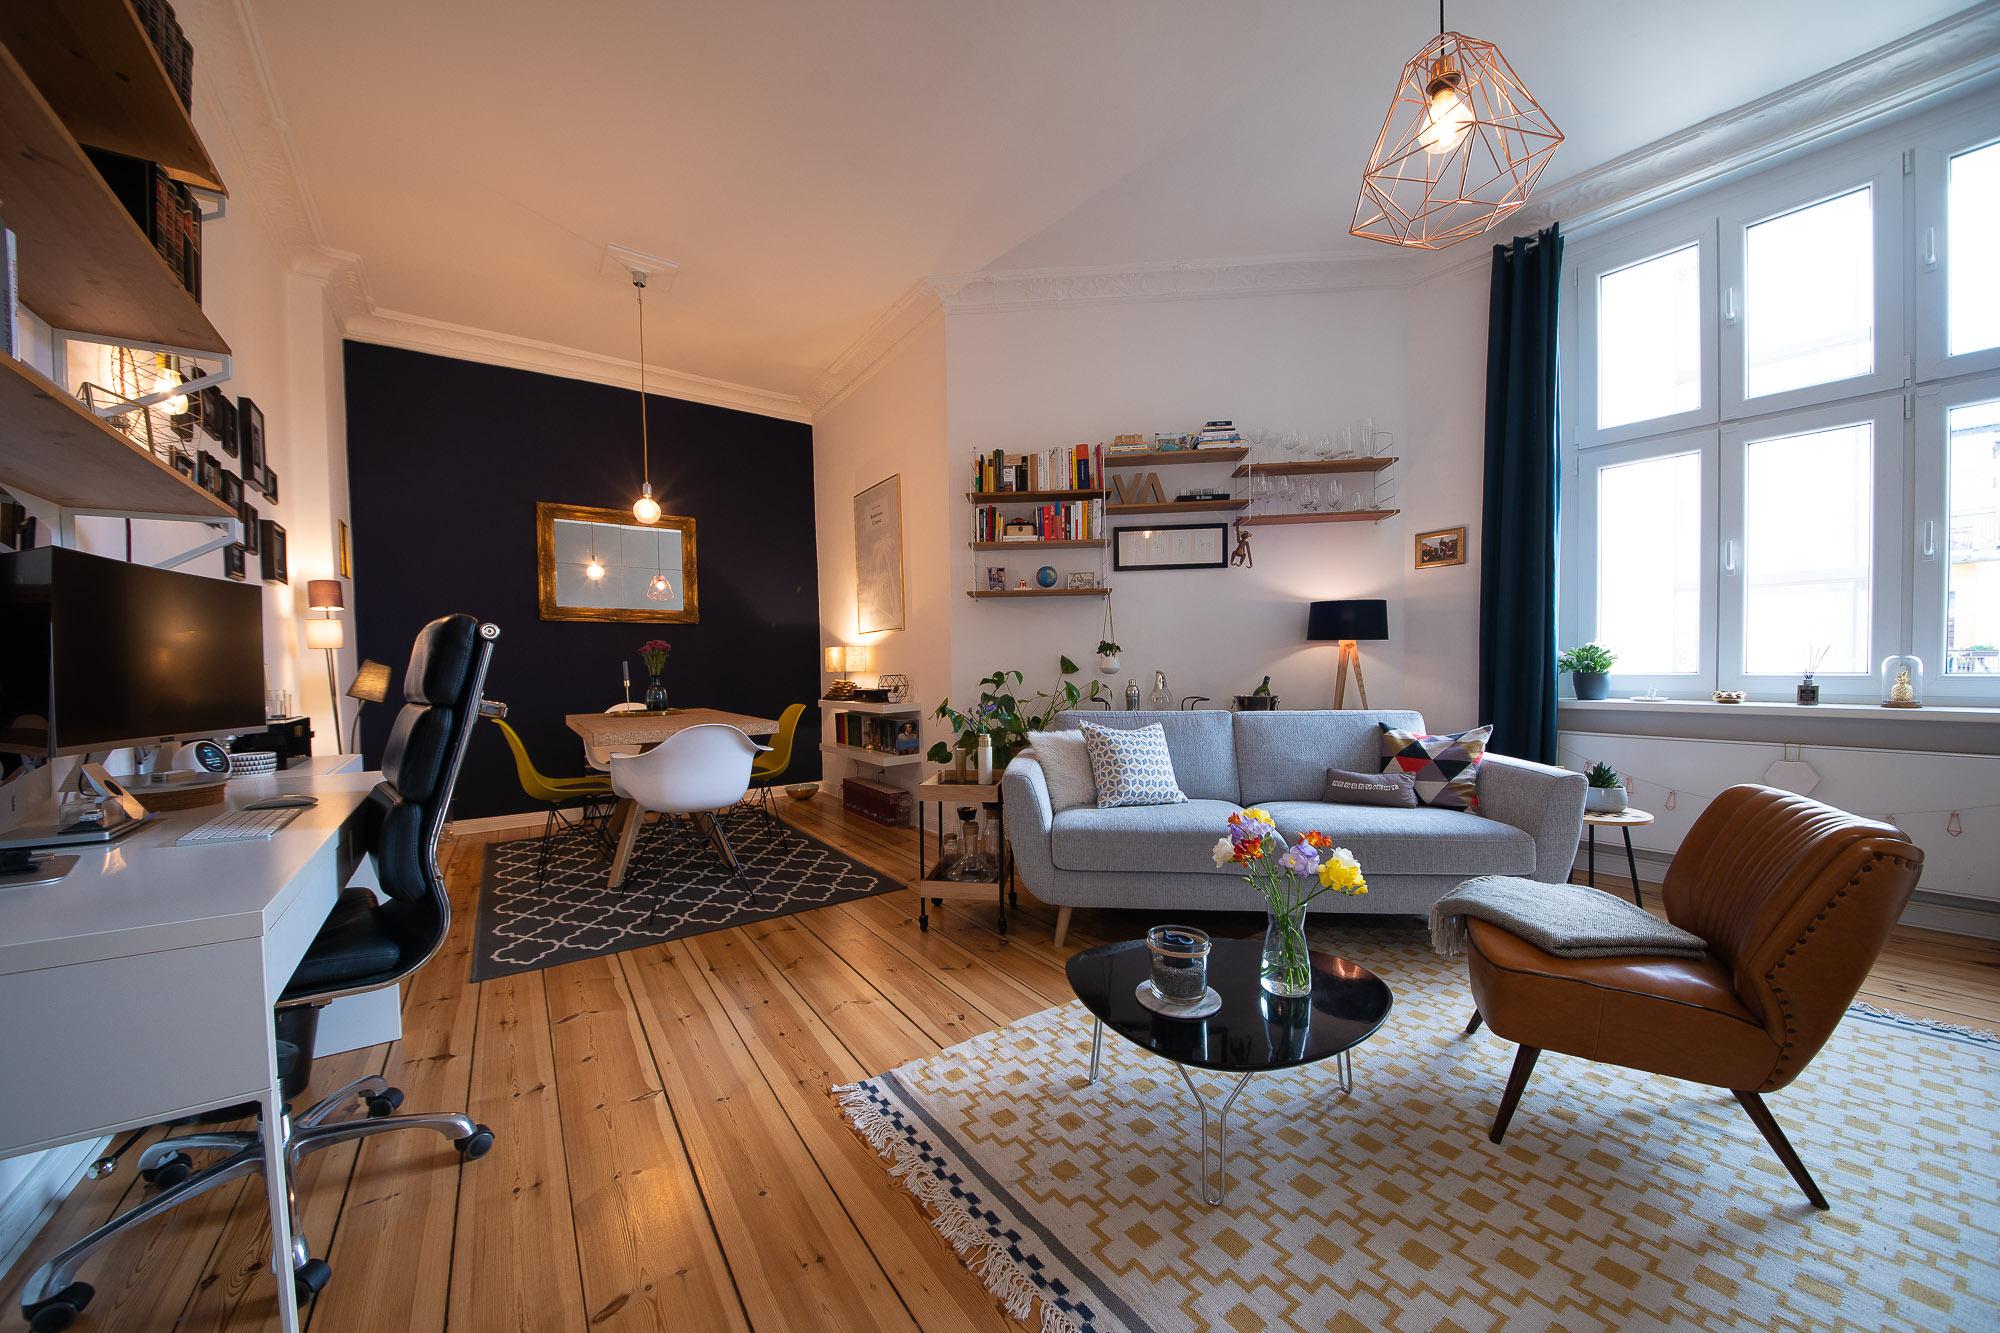 2019-04-26 - Moritz Real Estate-001A7303391.jpg